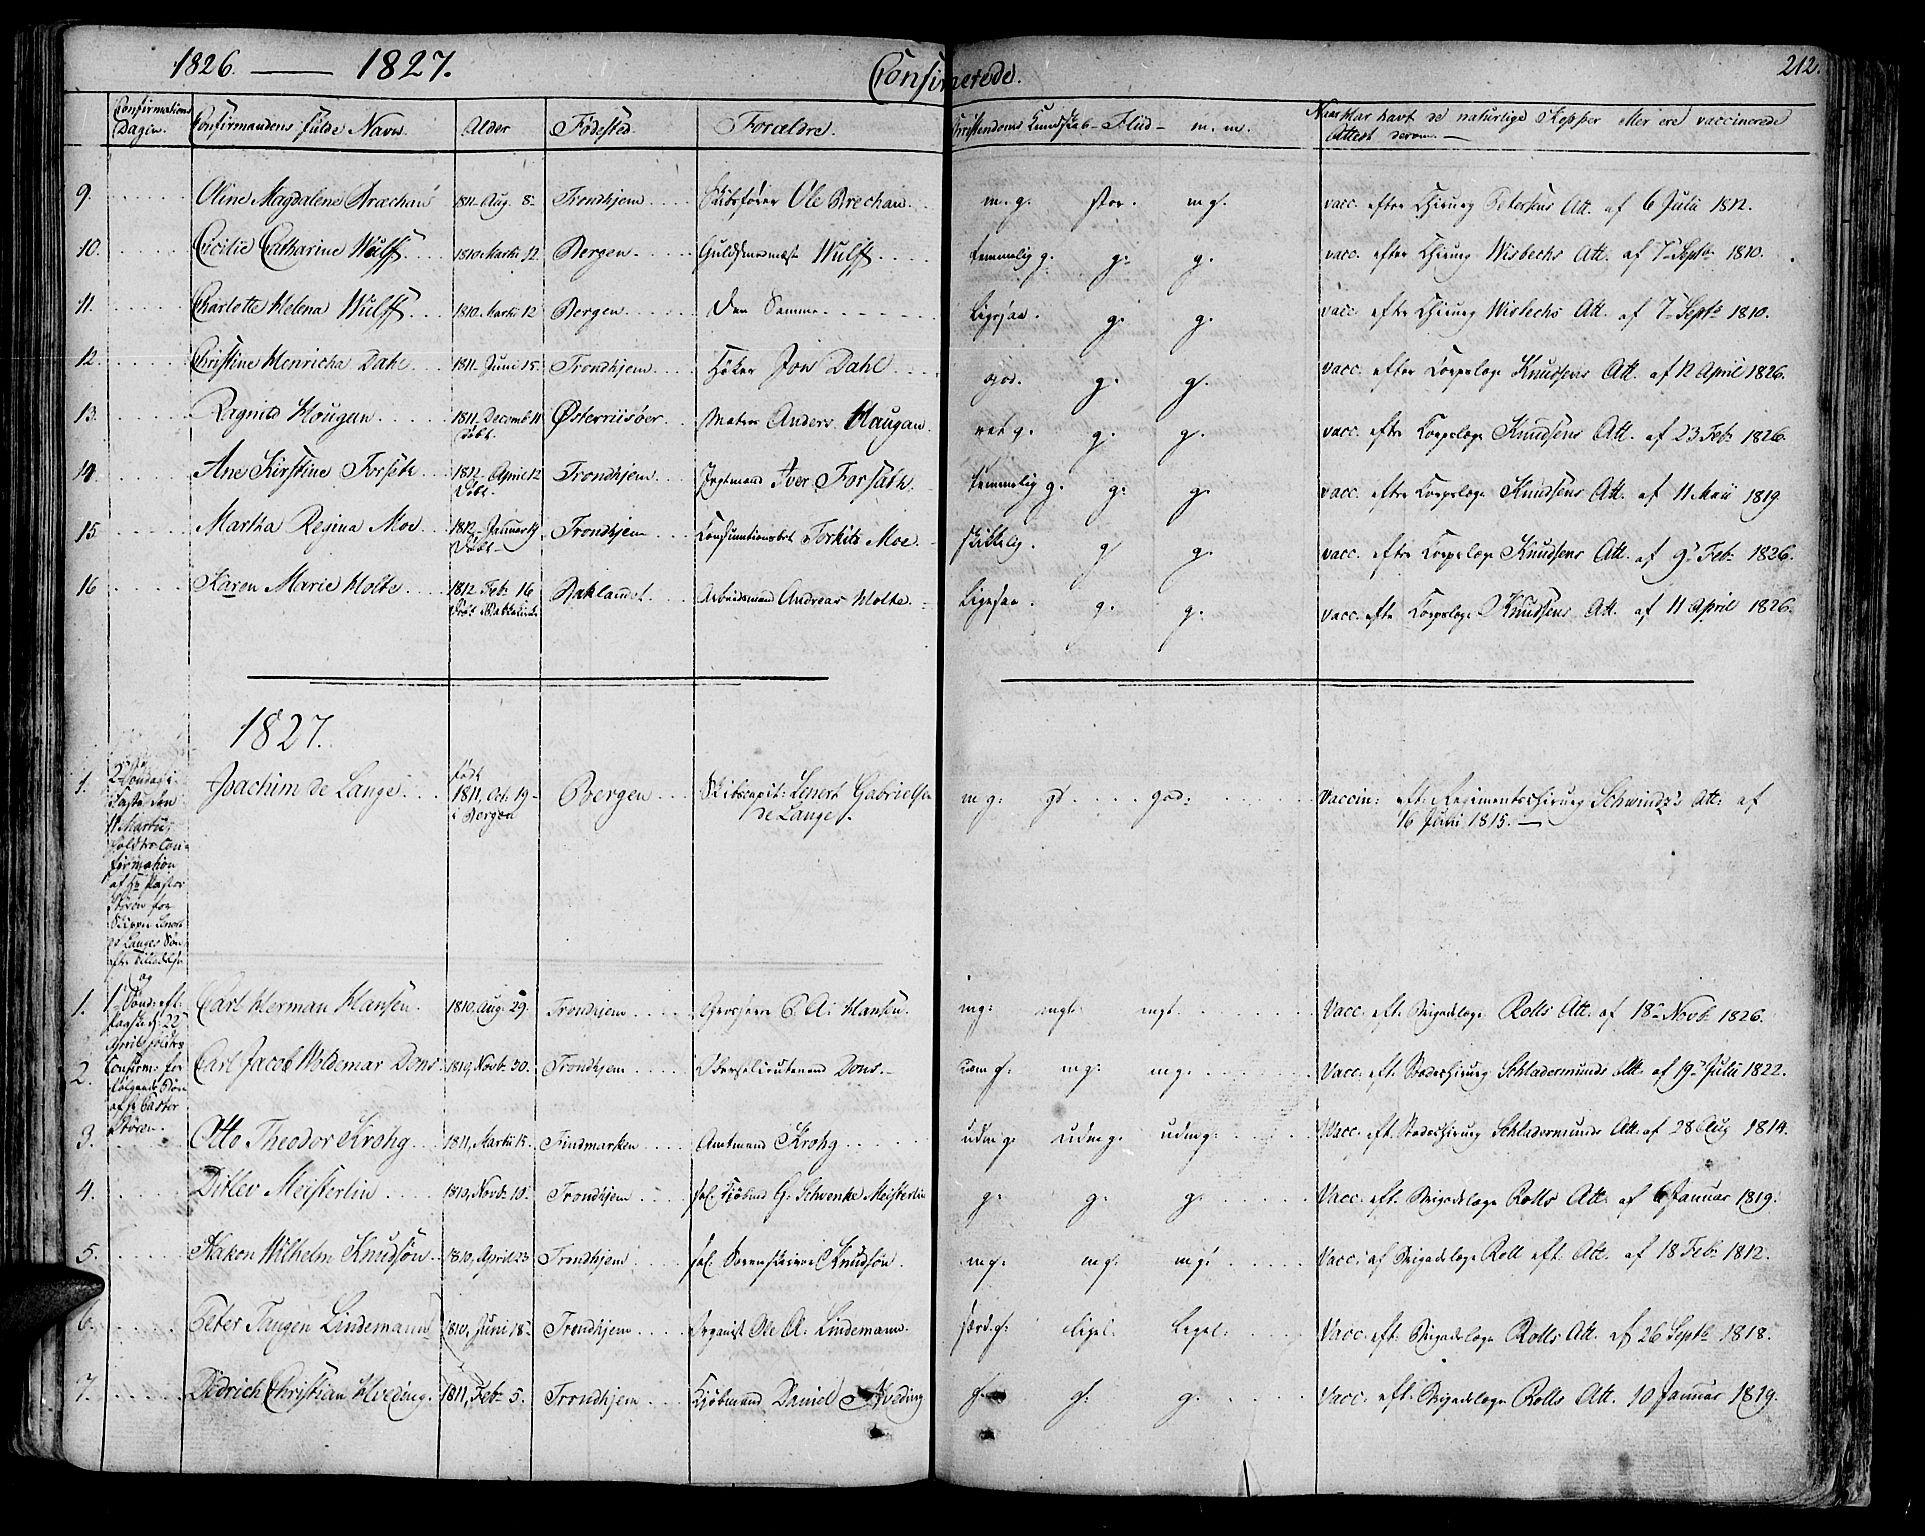 SAT, Ministerialprotokoller, klokkerbøker og fødselsregistre - Sør-Trøndelag, 602/L0108: Ministerialbok nr. 602A06, 1821-1839, s. 212